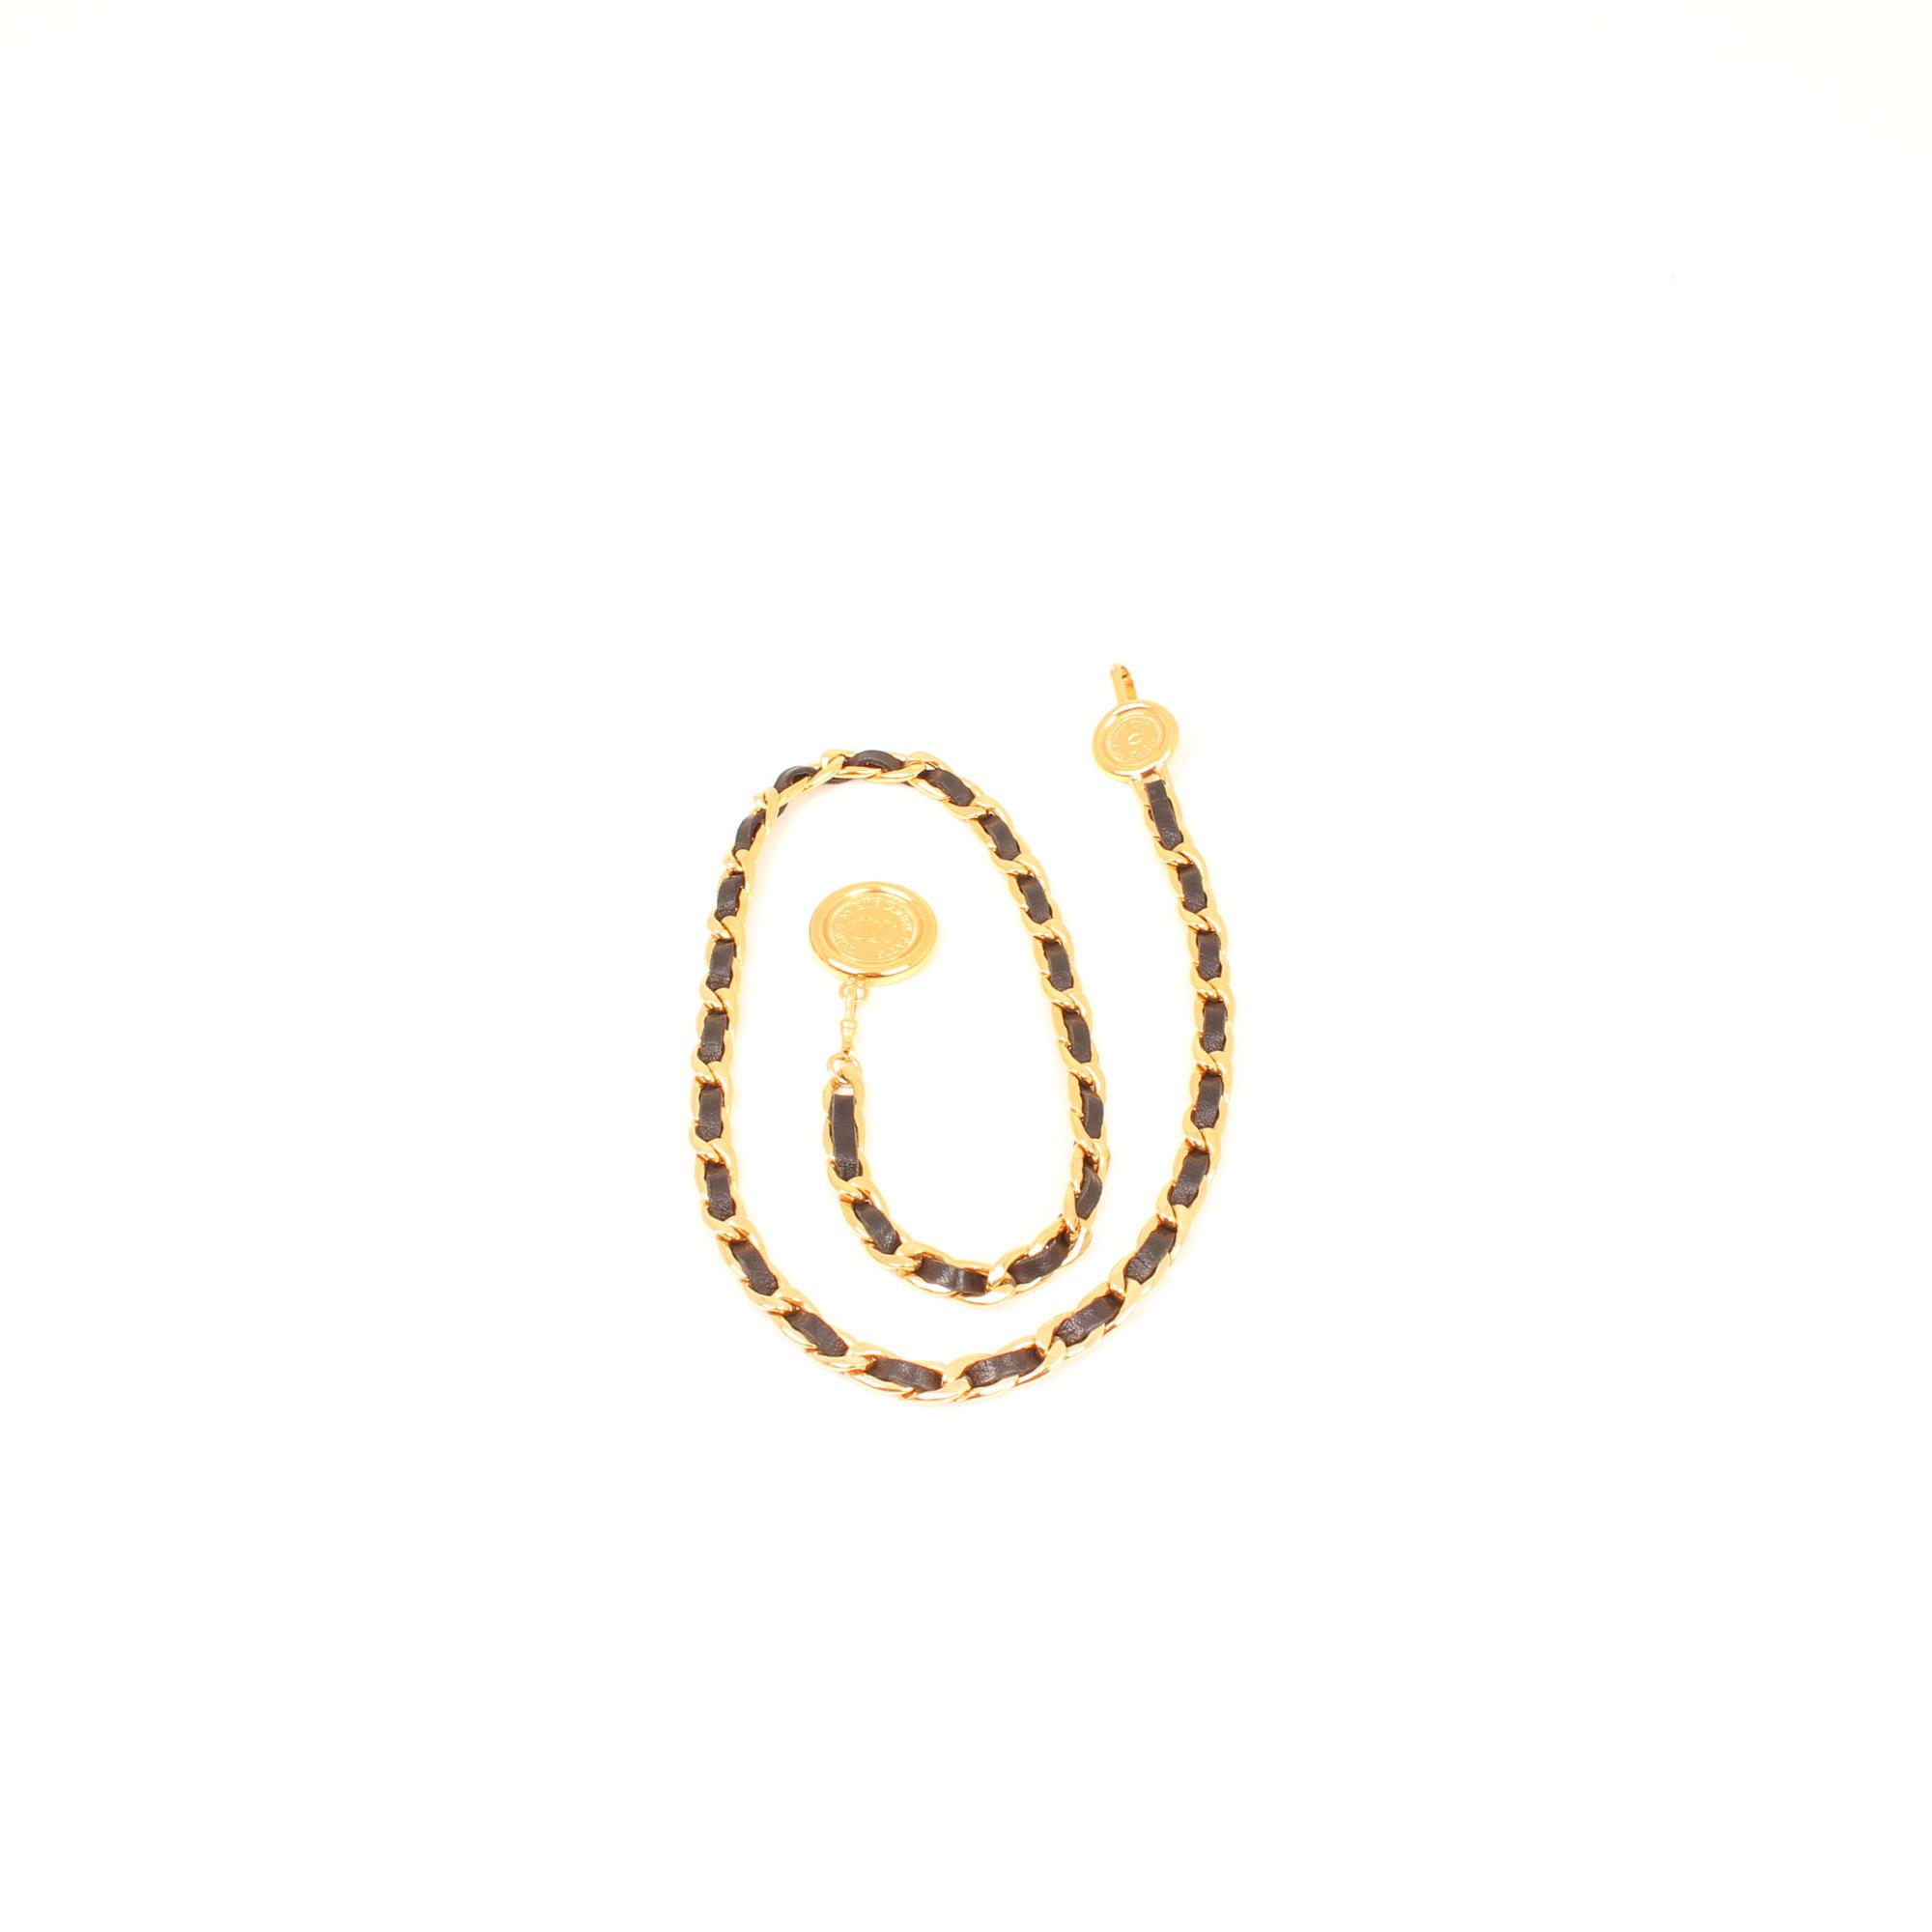 cinturon-chanel-cadena-dorada-cuero-negro-doblado